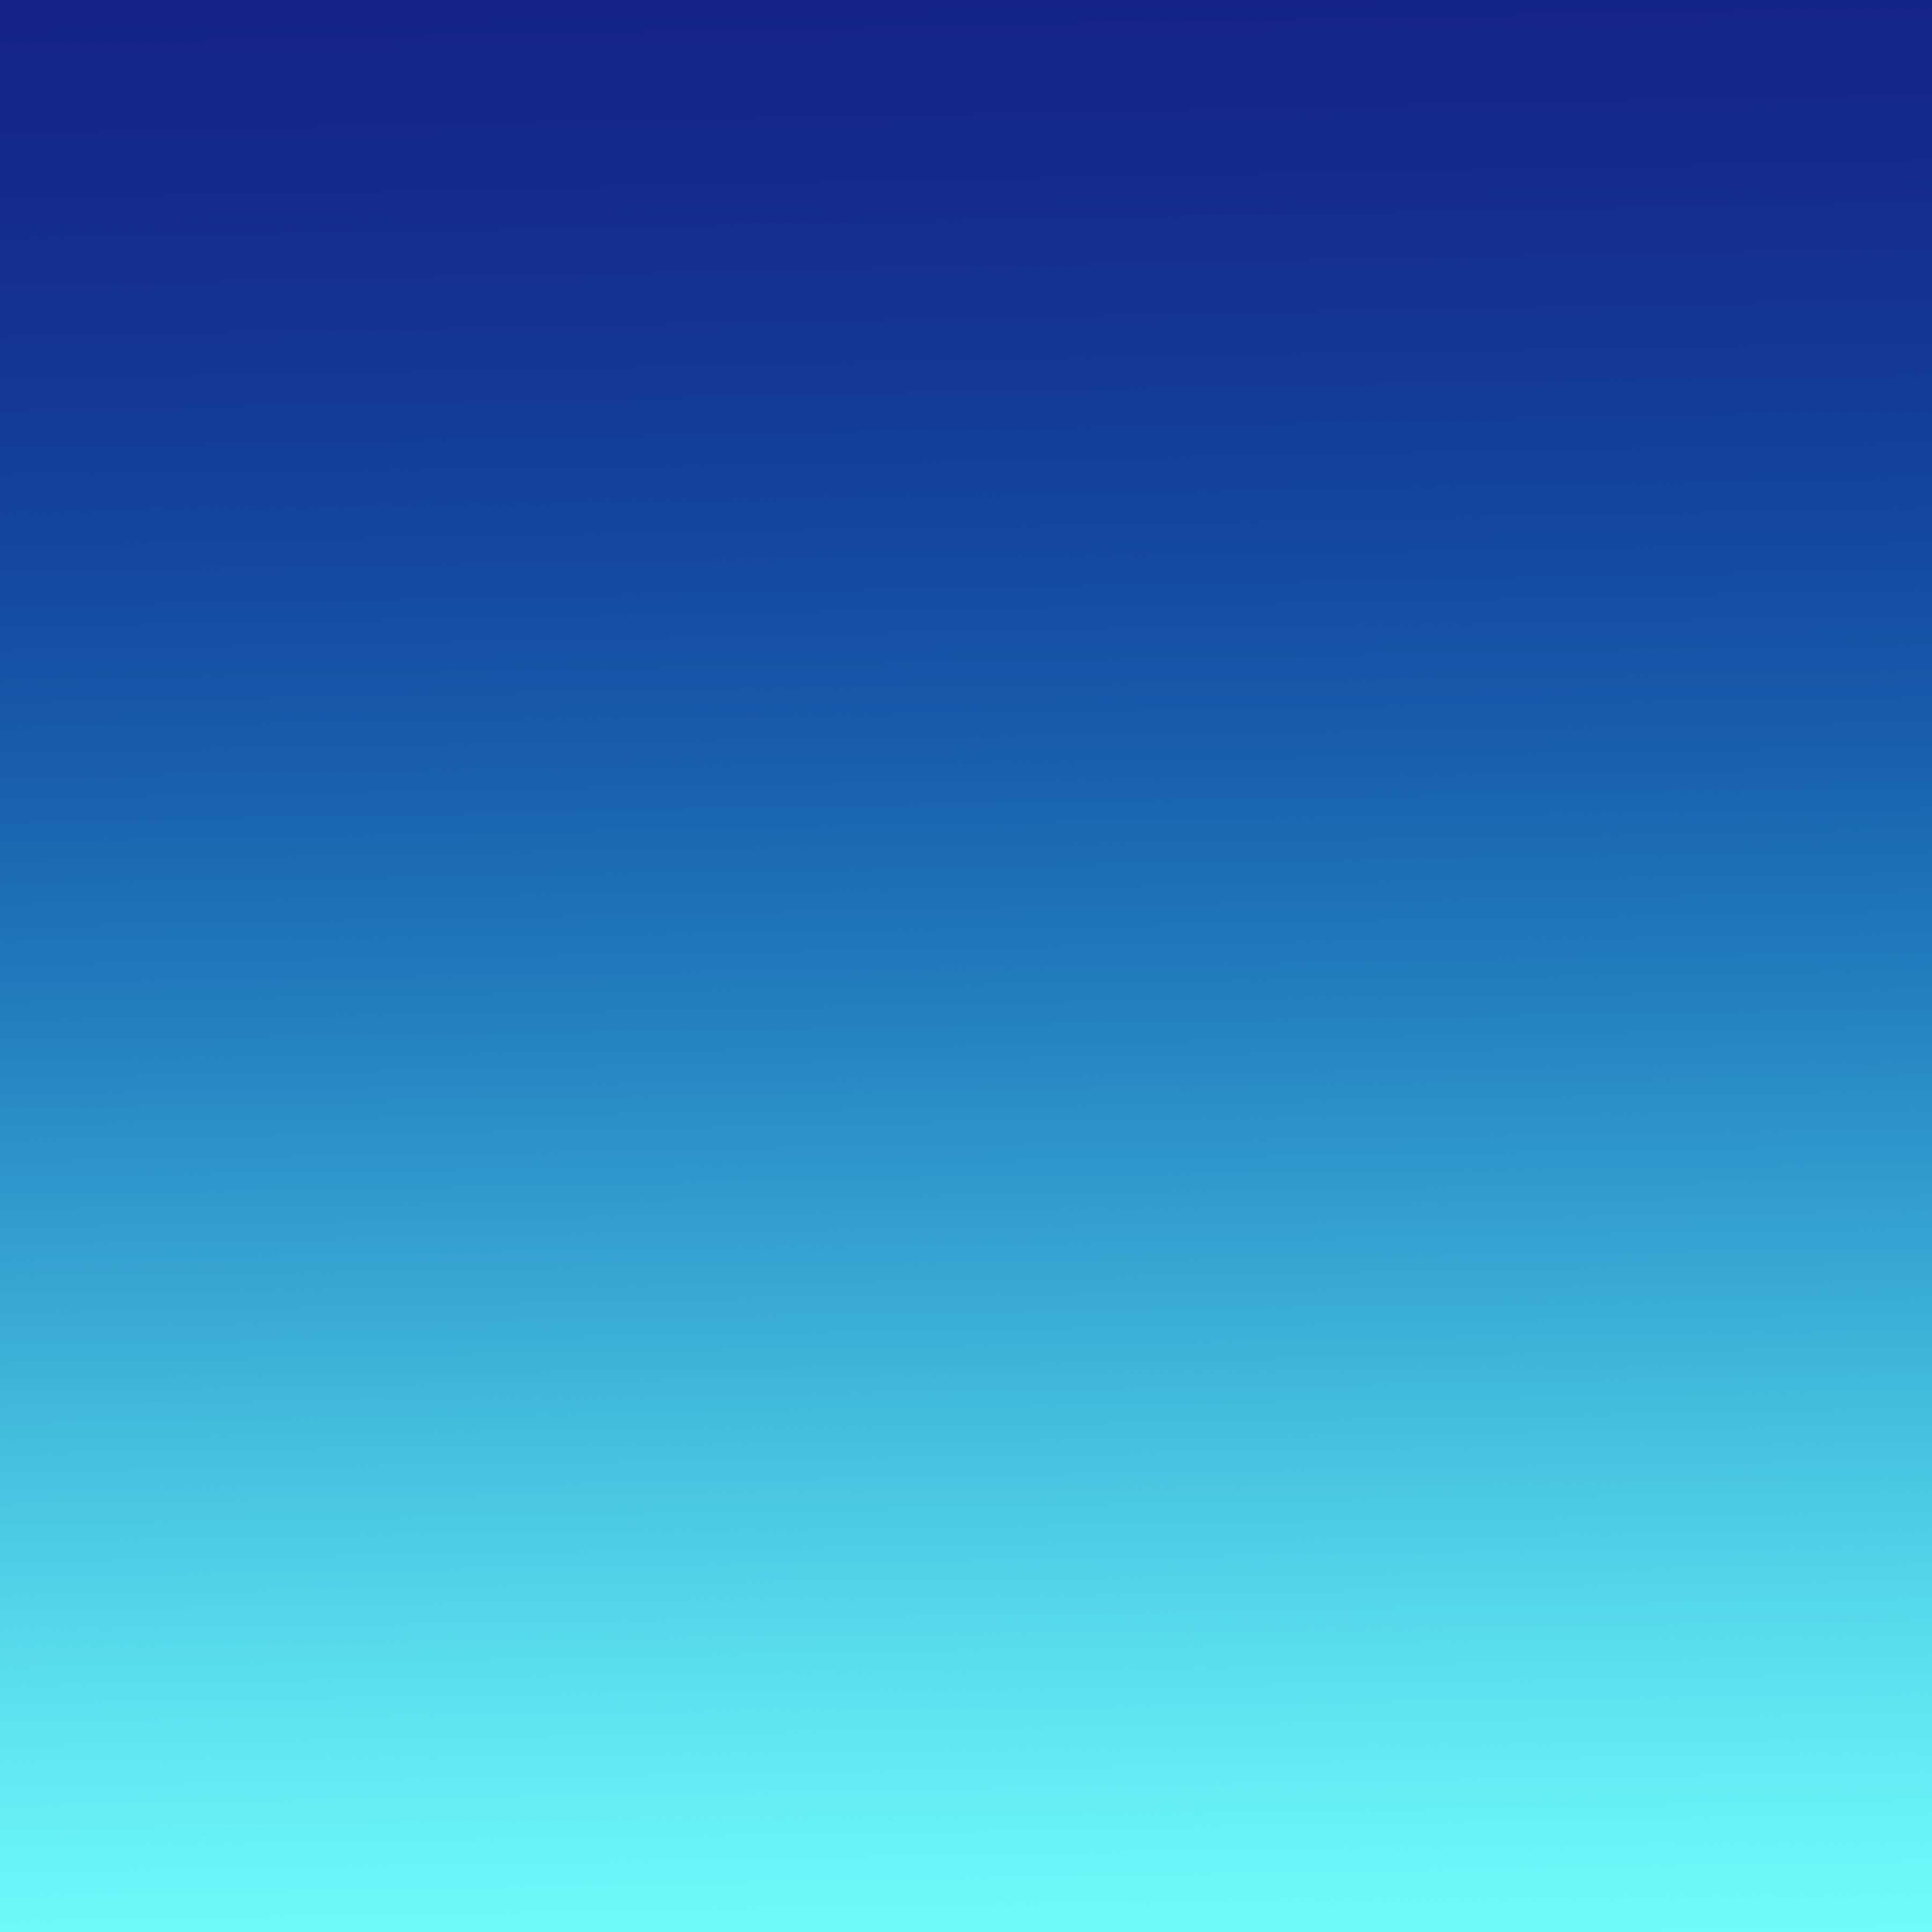 Ombre Royal Blue To Aqua Zindee Studios